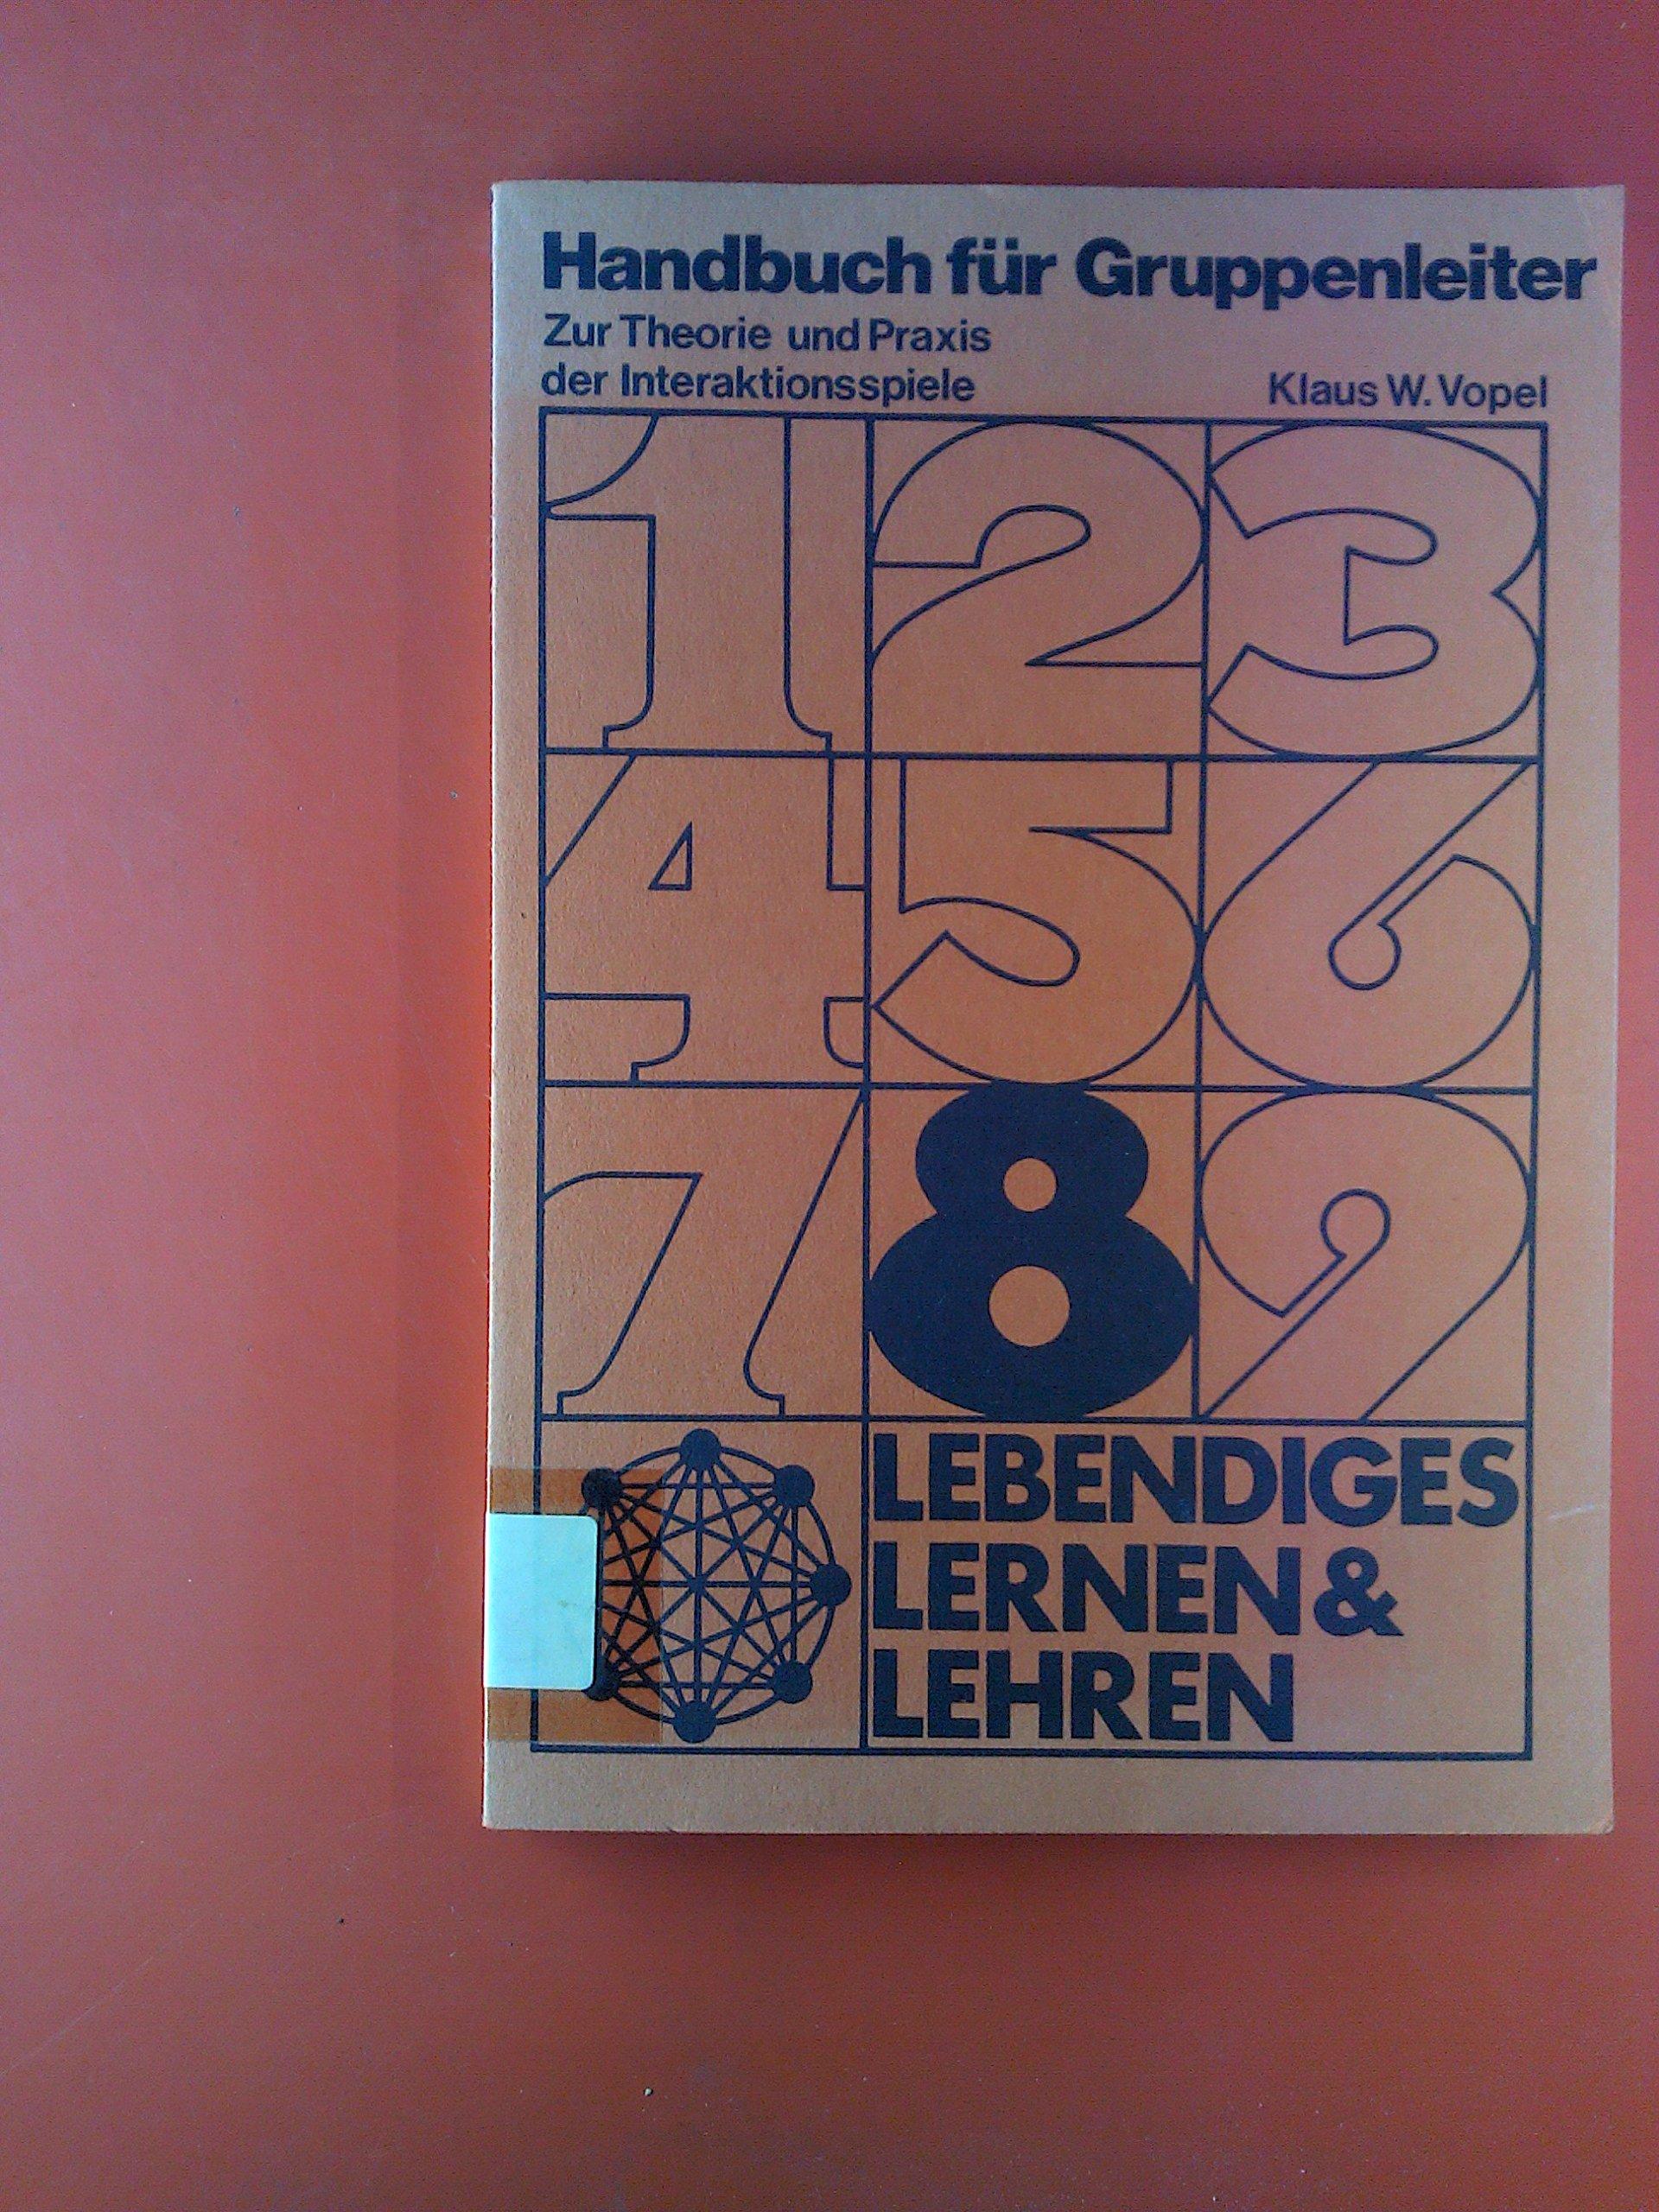 Handbuch Für Gruppenleiter. Zur Theorie Und Praxis Der Interaktionsspiele